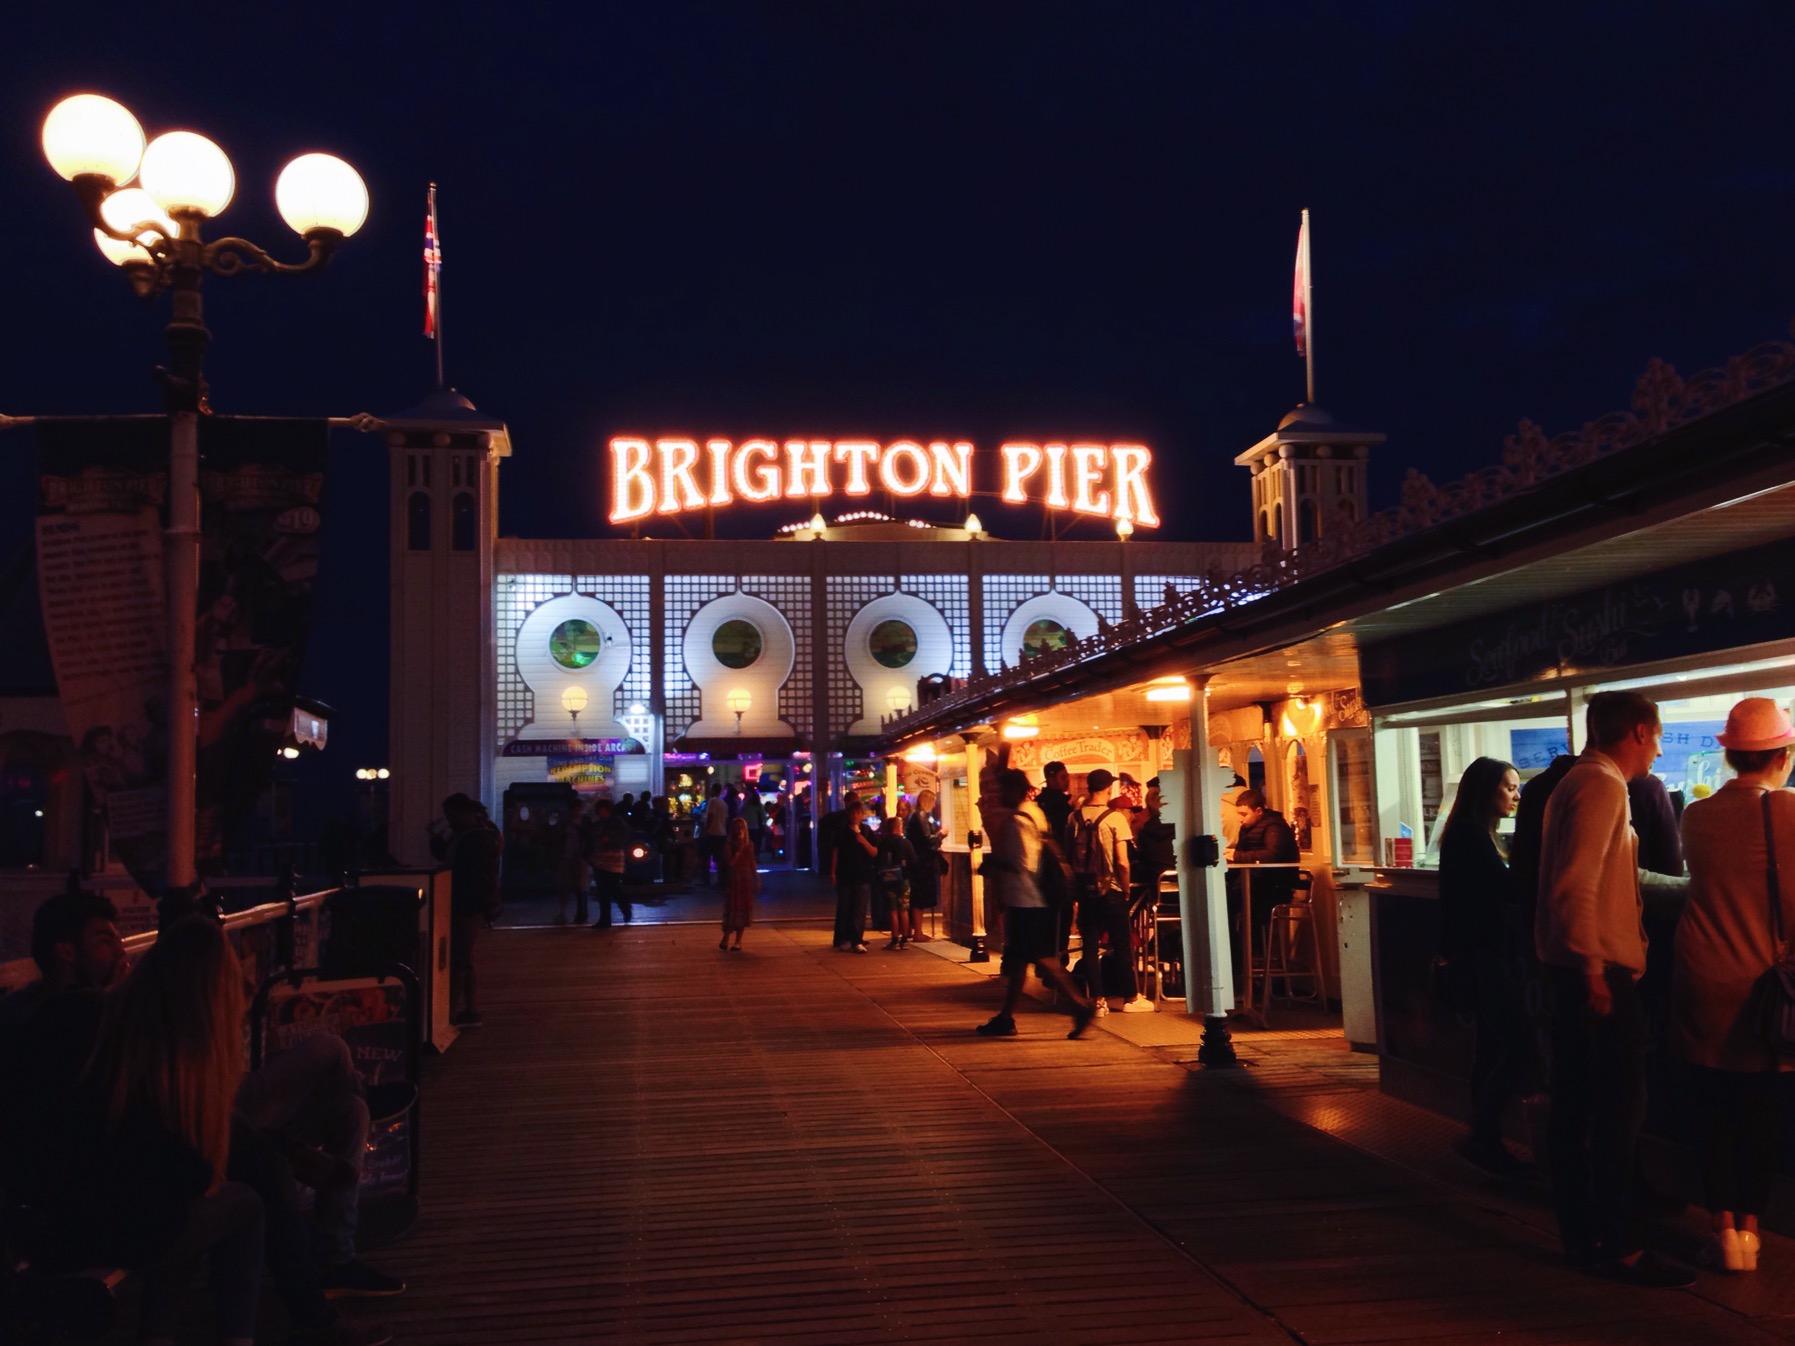 Il Pier illuminato con le lucine serali, uno zucchero filato gigante e il continuo rumore delle onde